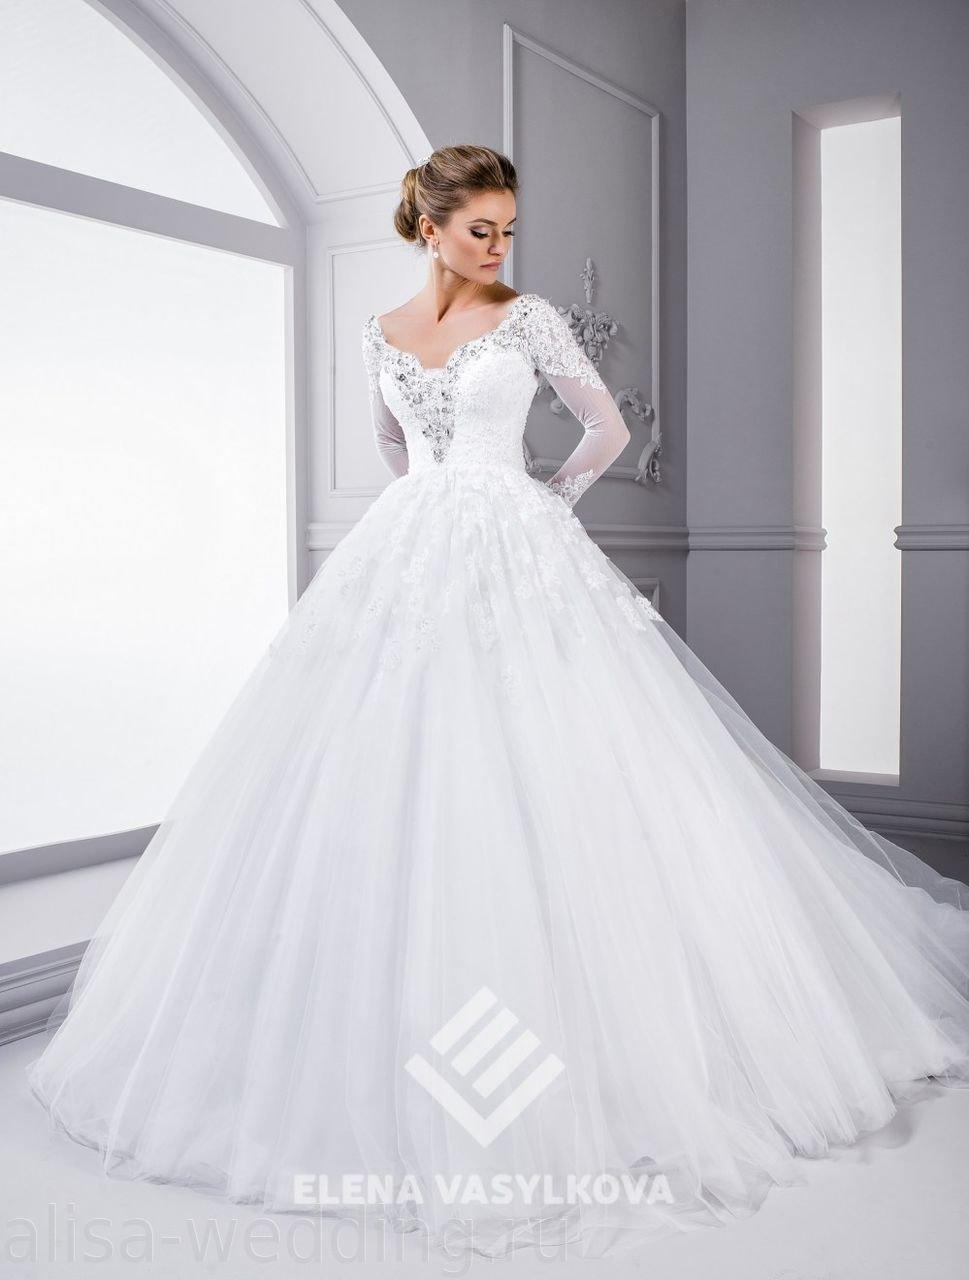 884662eb2c85cb6 ... Пышное свадебное платье с кружевными рукавами и красивым декольте